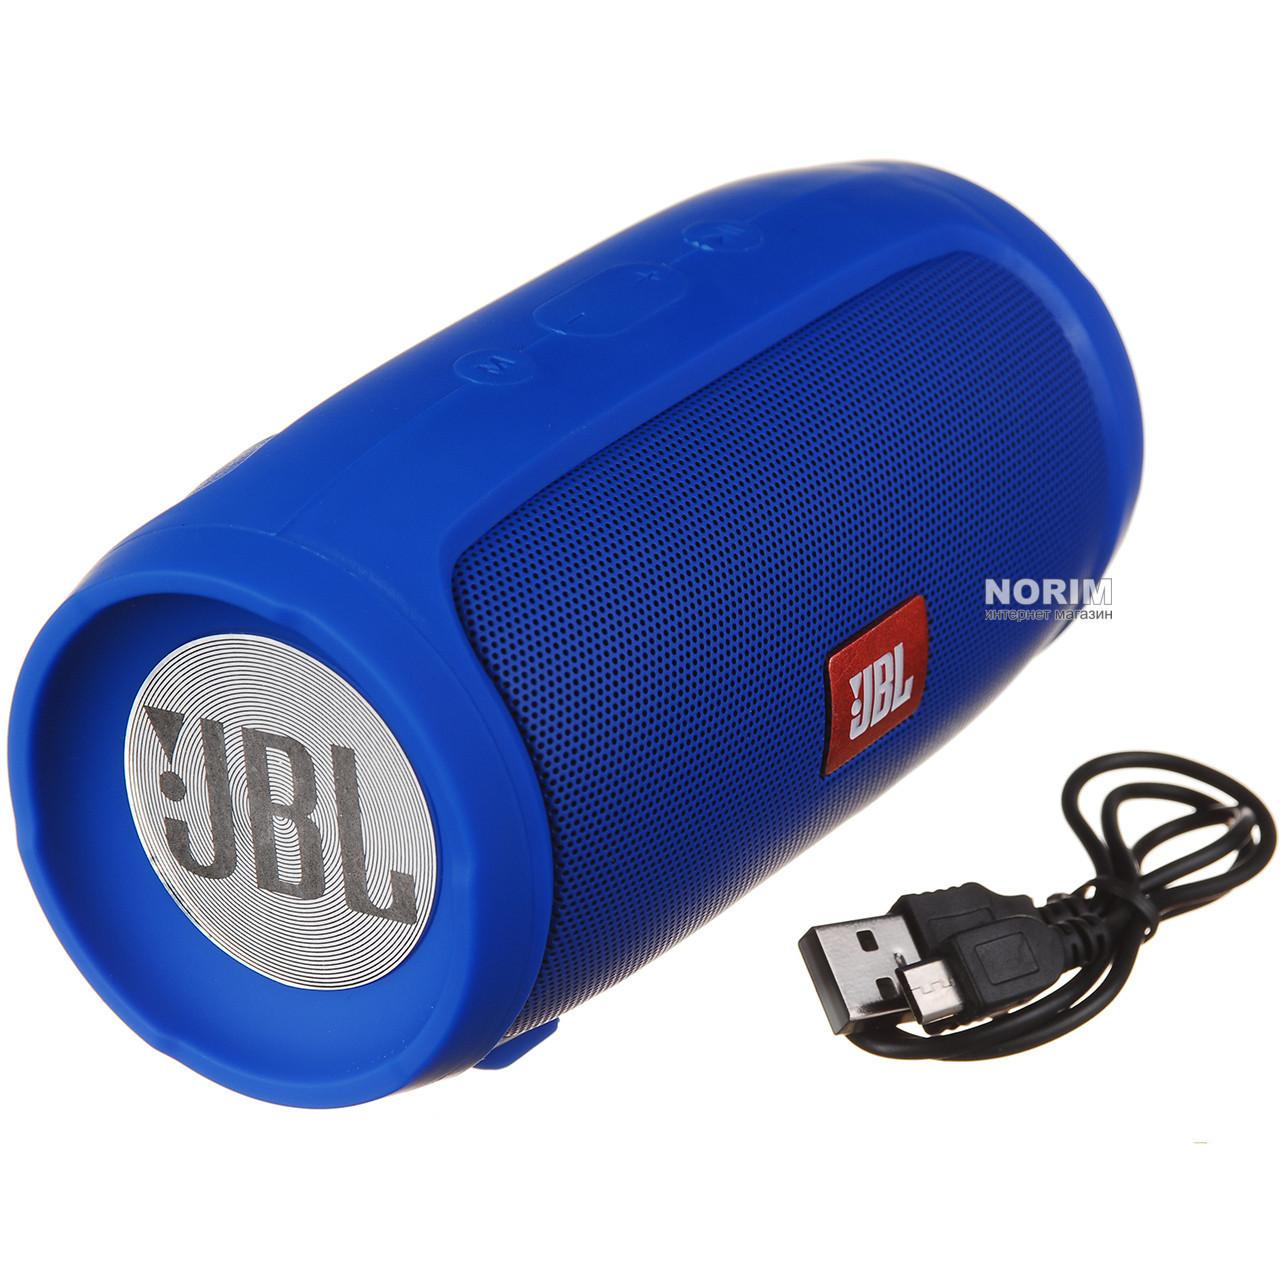 Портативная блютуз колонка JBL Charge 3 MINI колонка с USB,SD,FM AVE